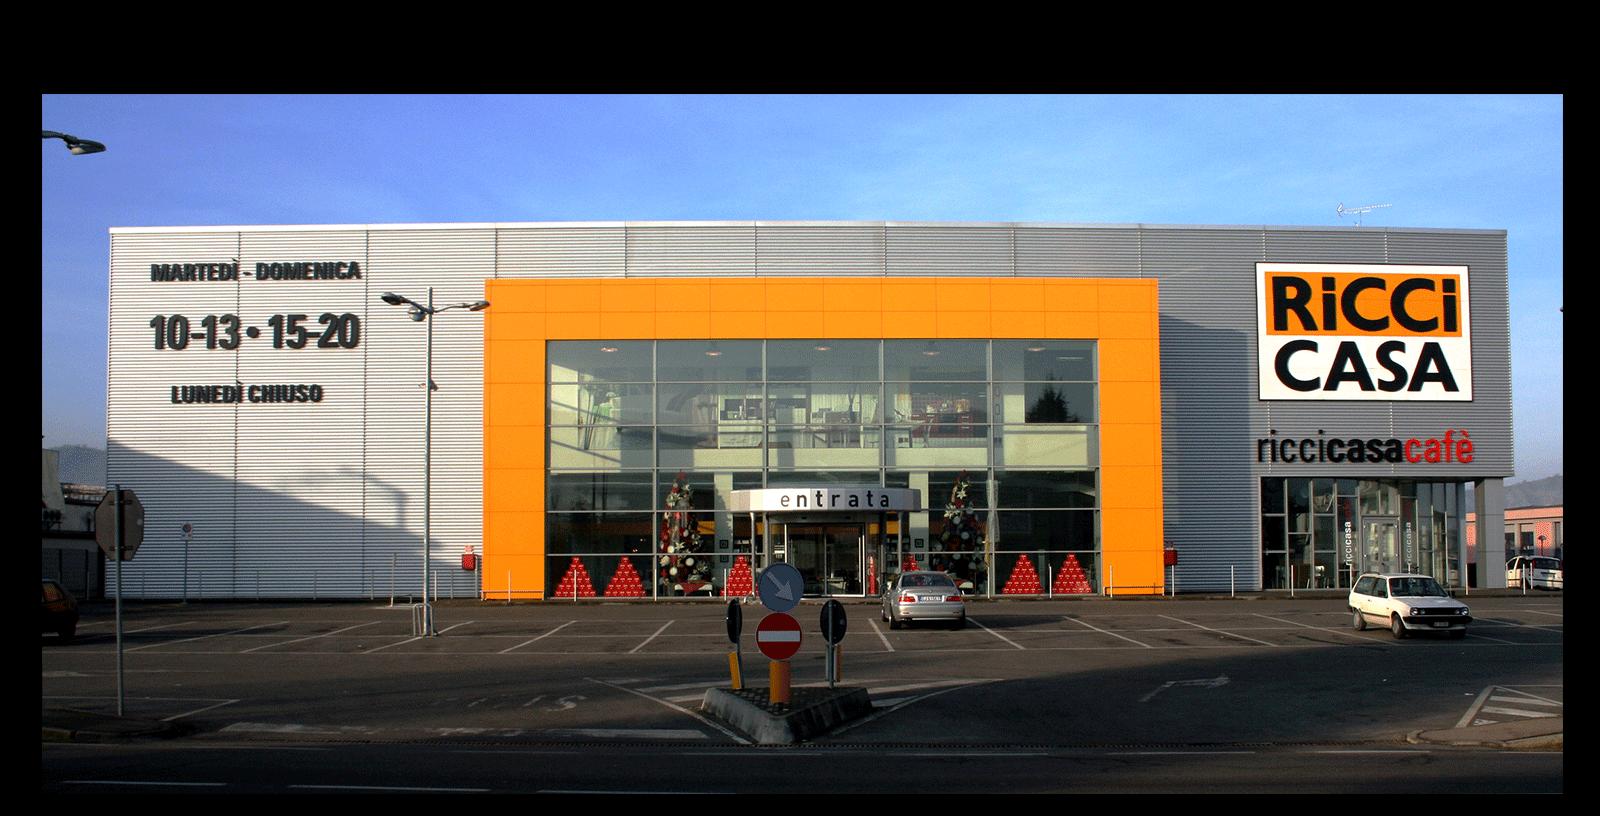 Una nuova costruzione commerciale e negozio new - Ricci casa ciano d enza ...